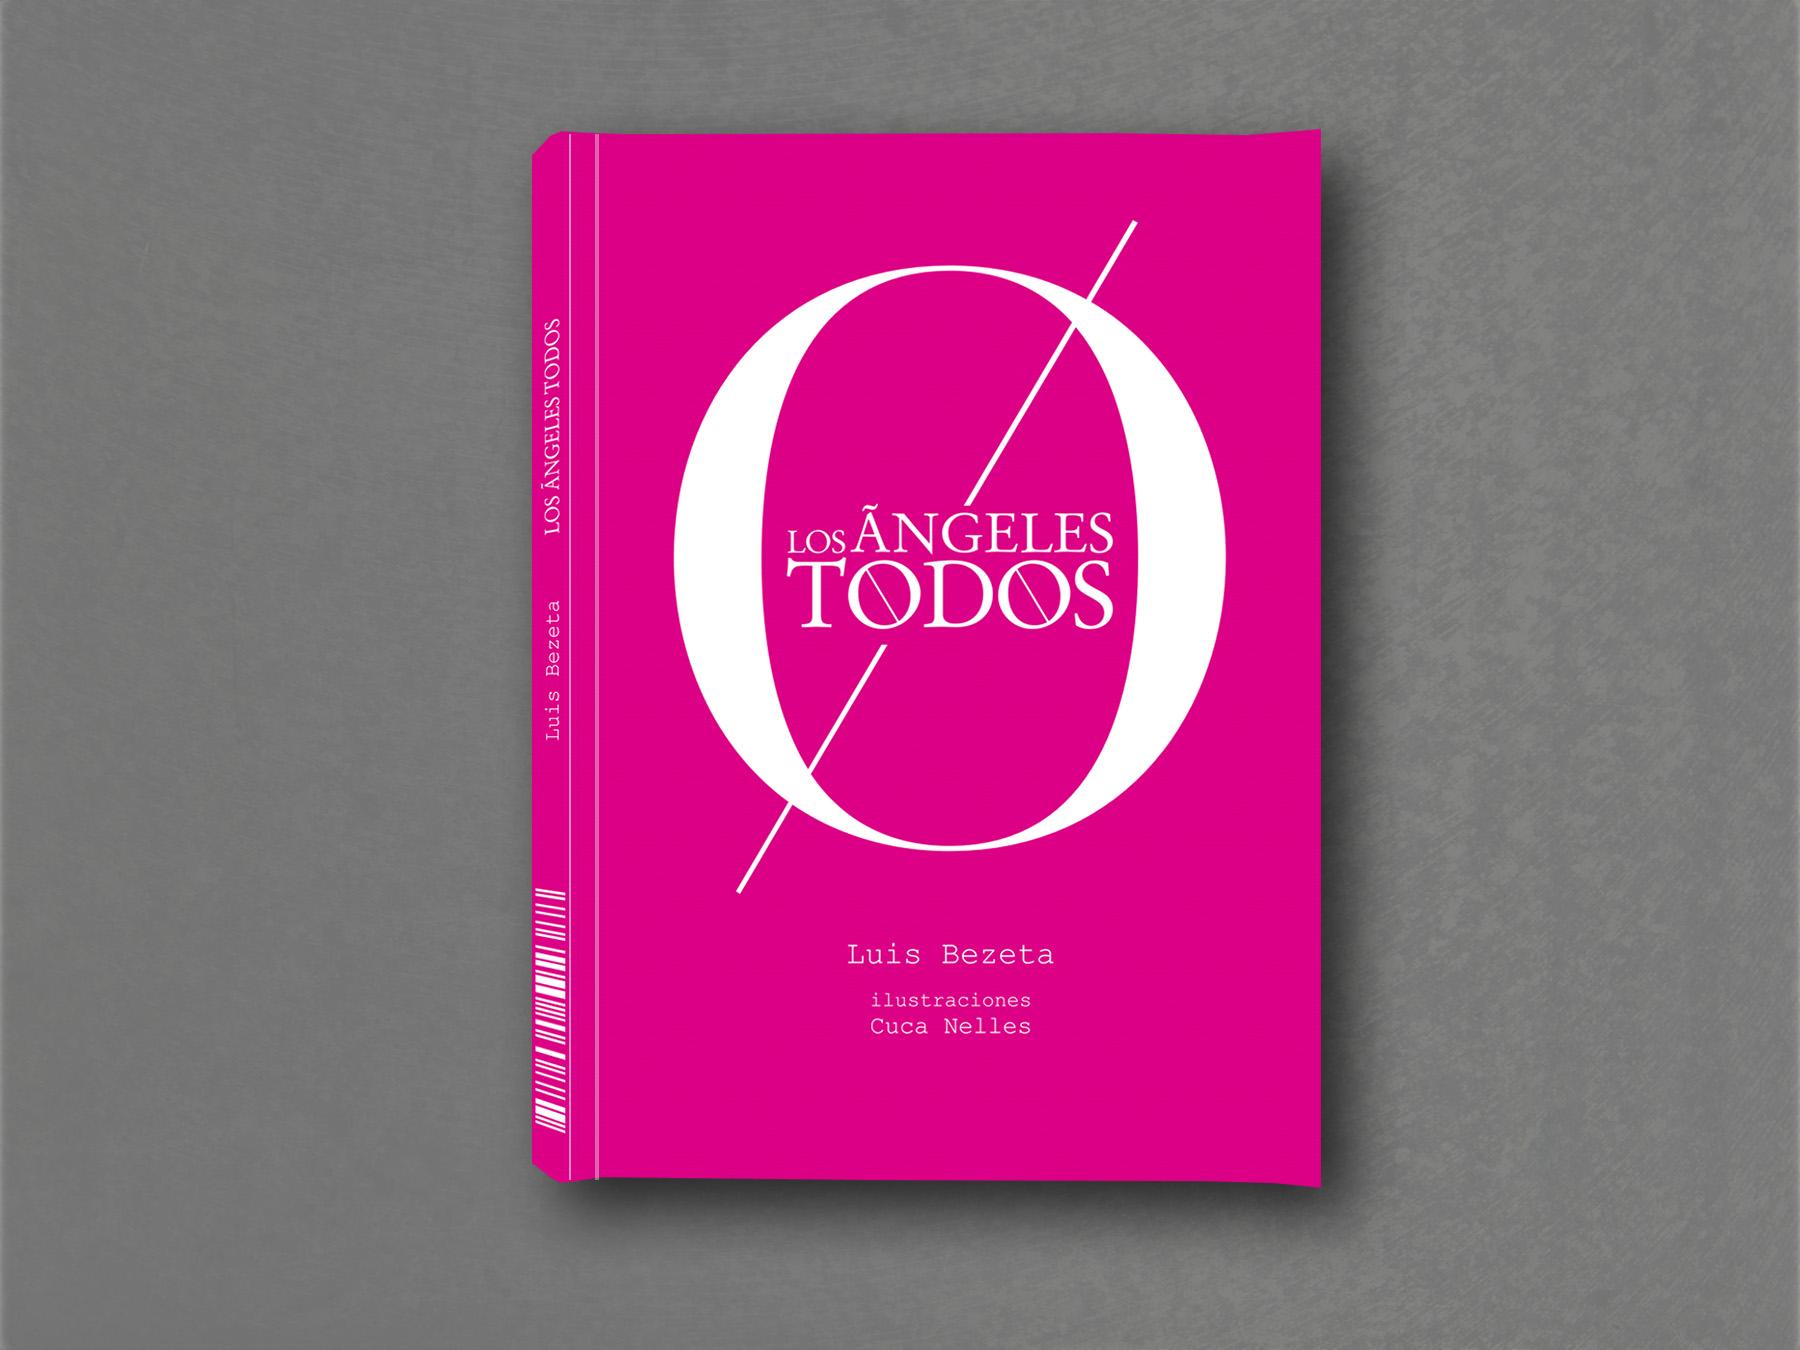 Luis bezeta - MKYC - LOS ANGELES TODOS